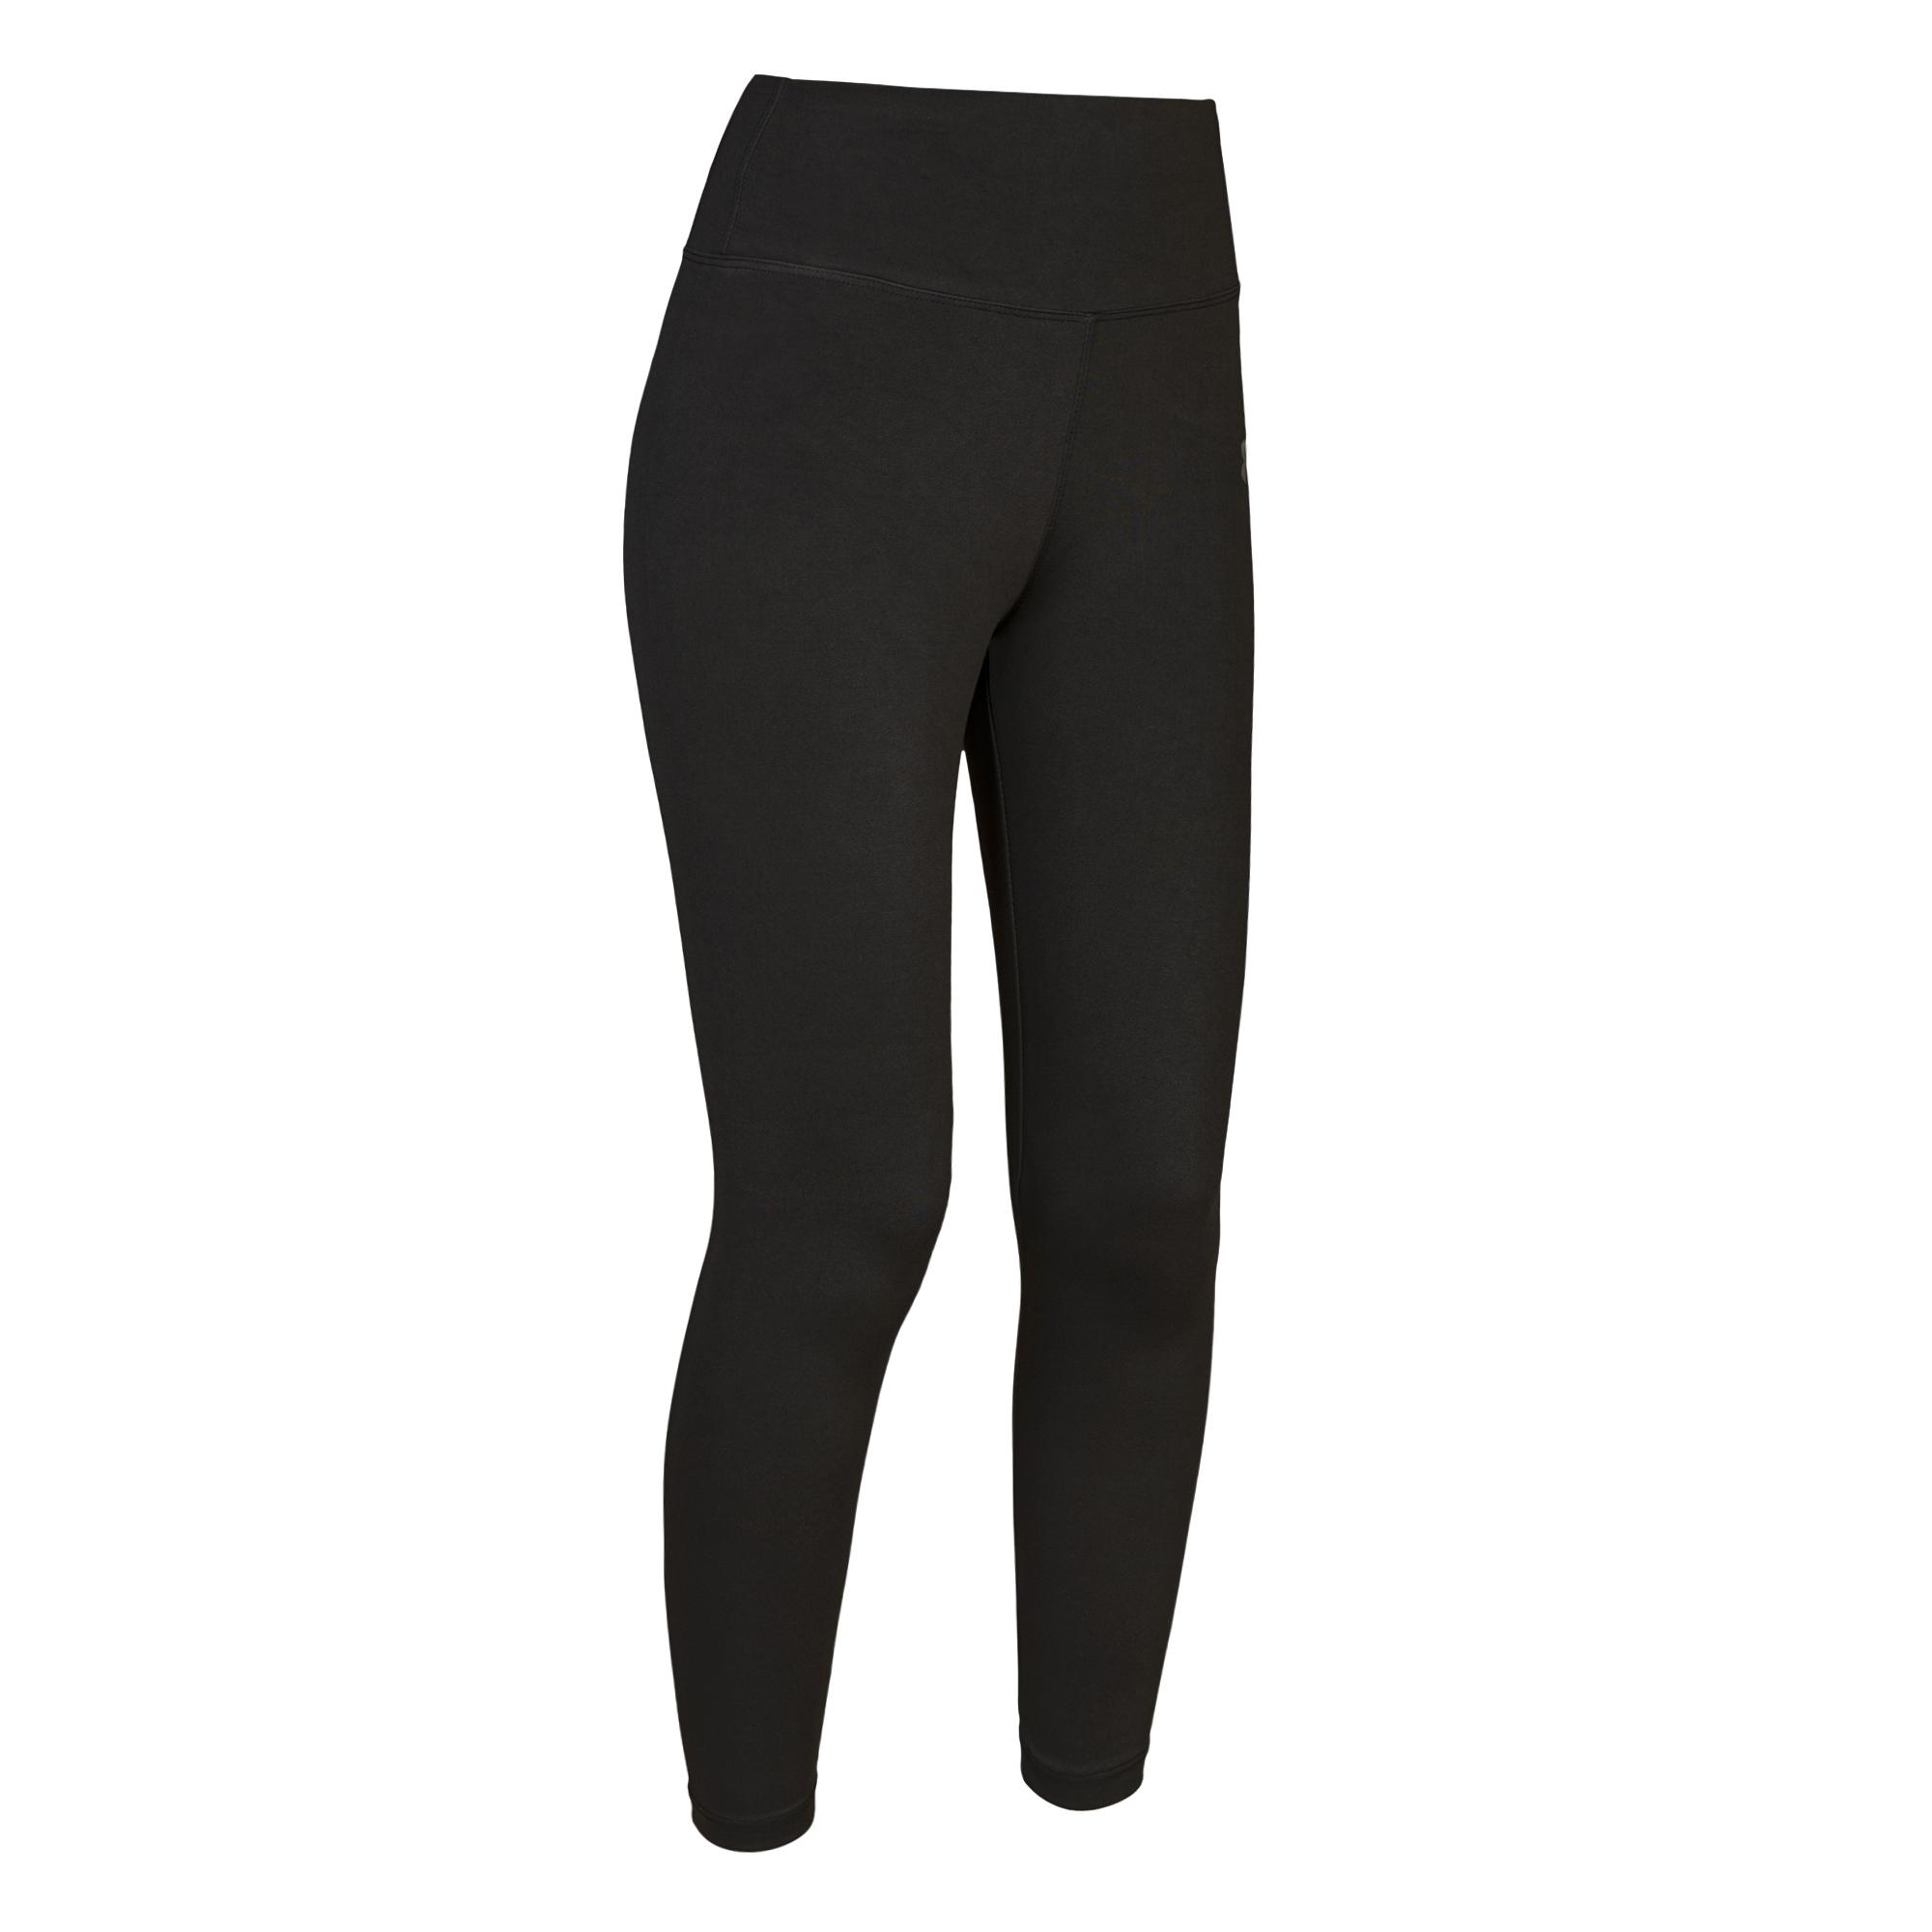 لگینگ ورزشی زنانه کد 031-2725 رنگ طوسی main 1 2